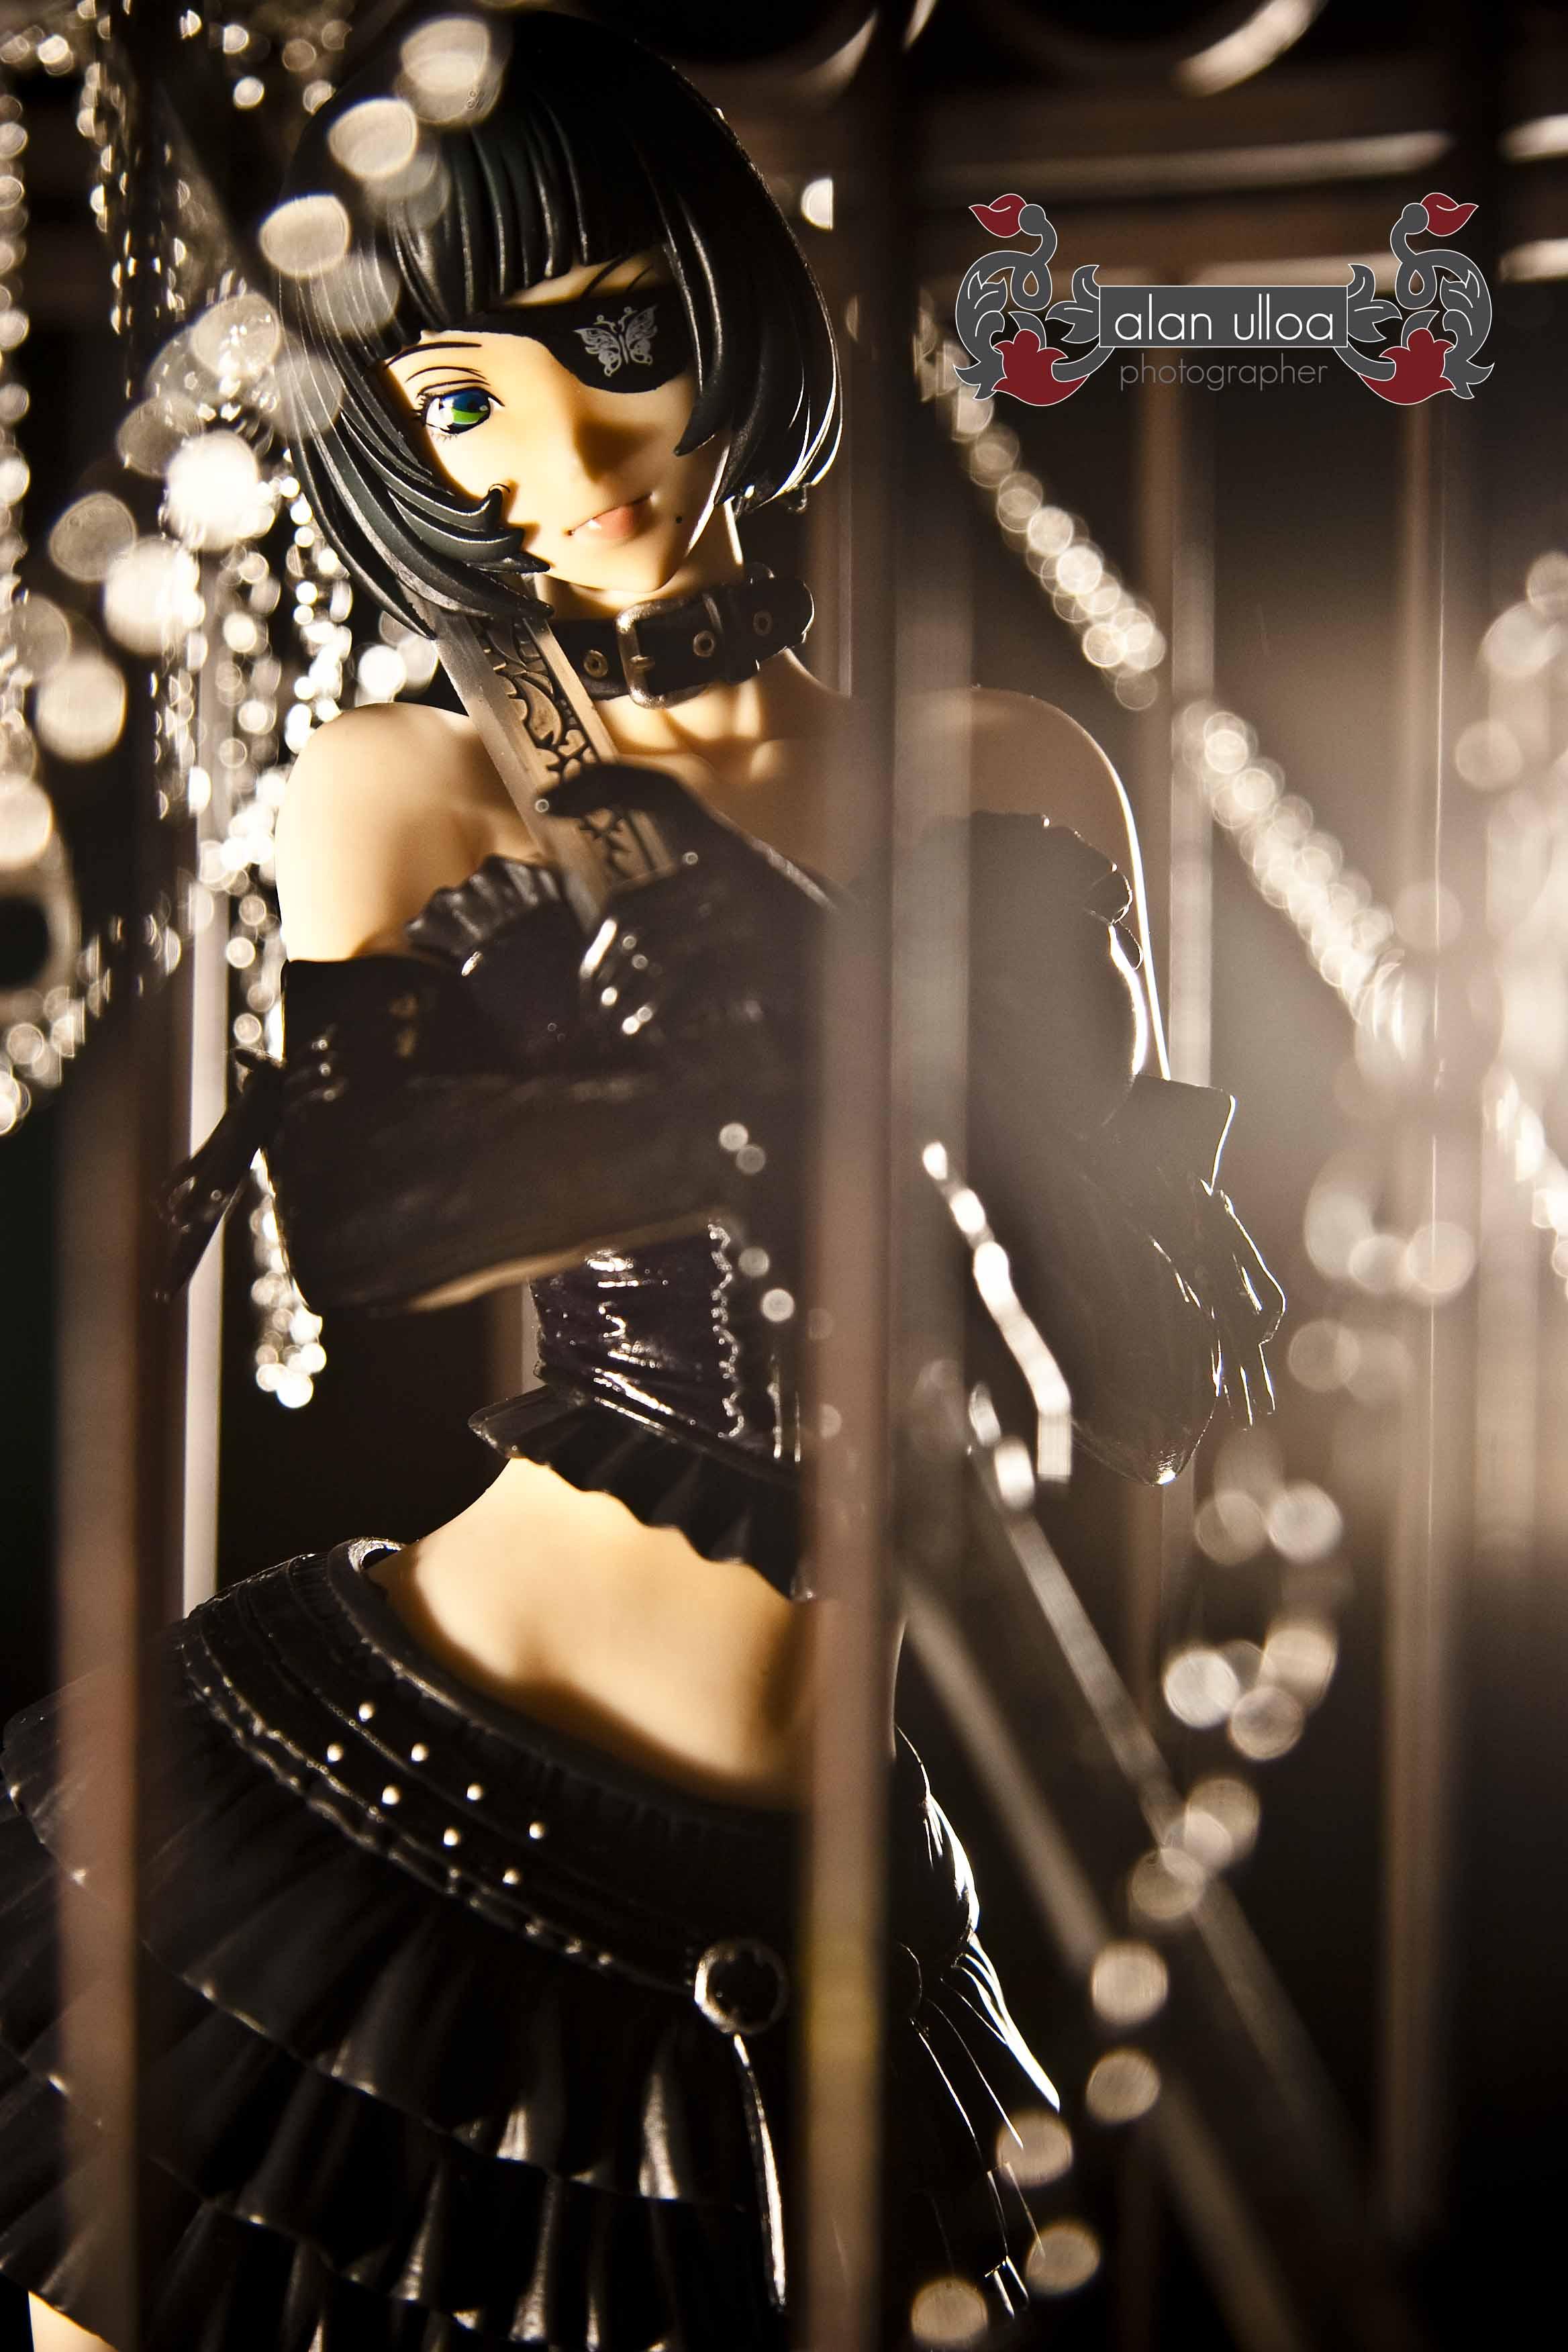 gothic_lolita ikki_tousen ryomou_shimei daiki_kougyou fumiyoshi_tokunaga